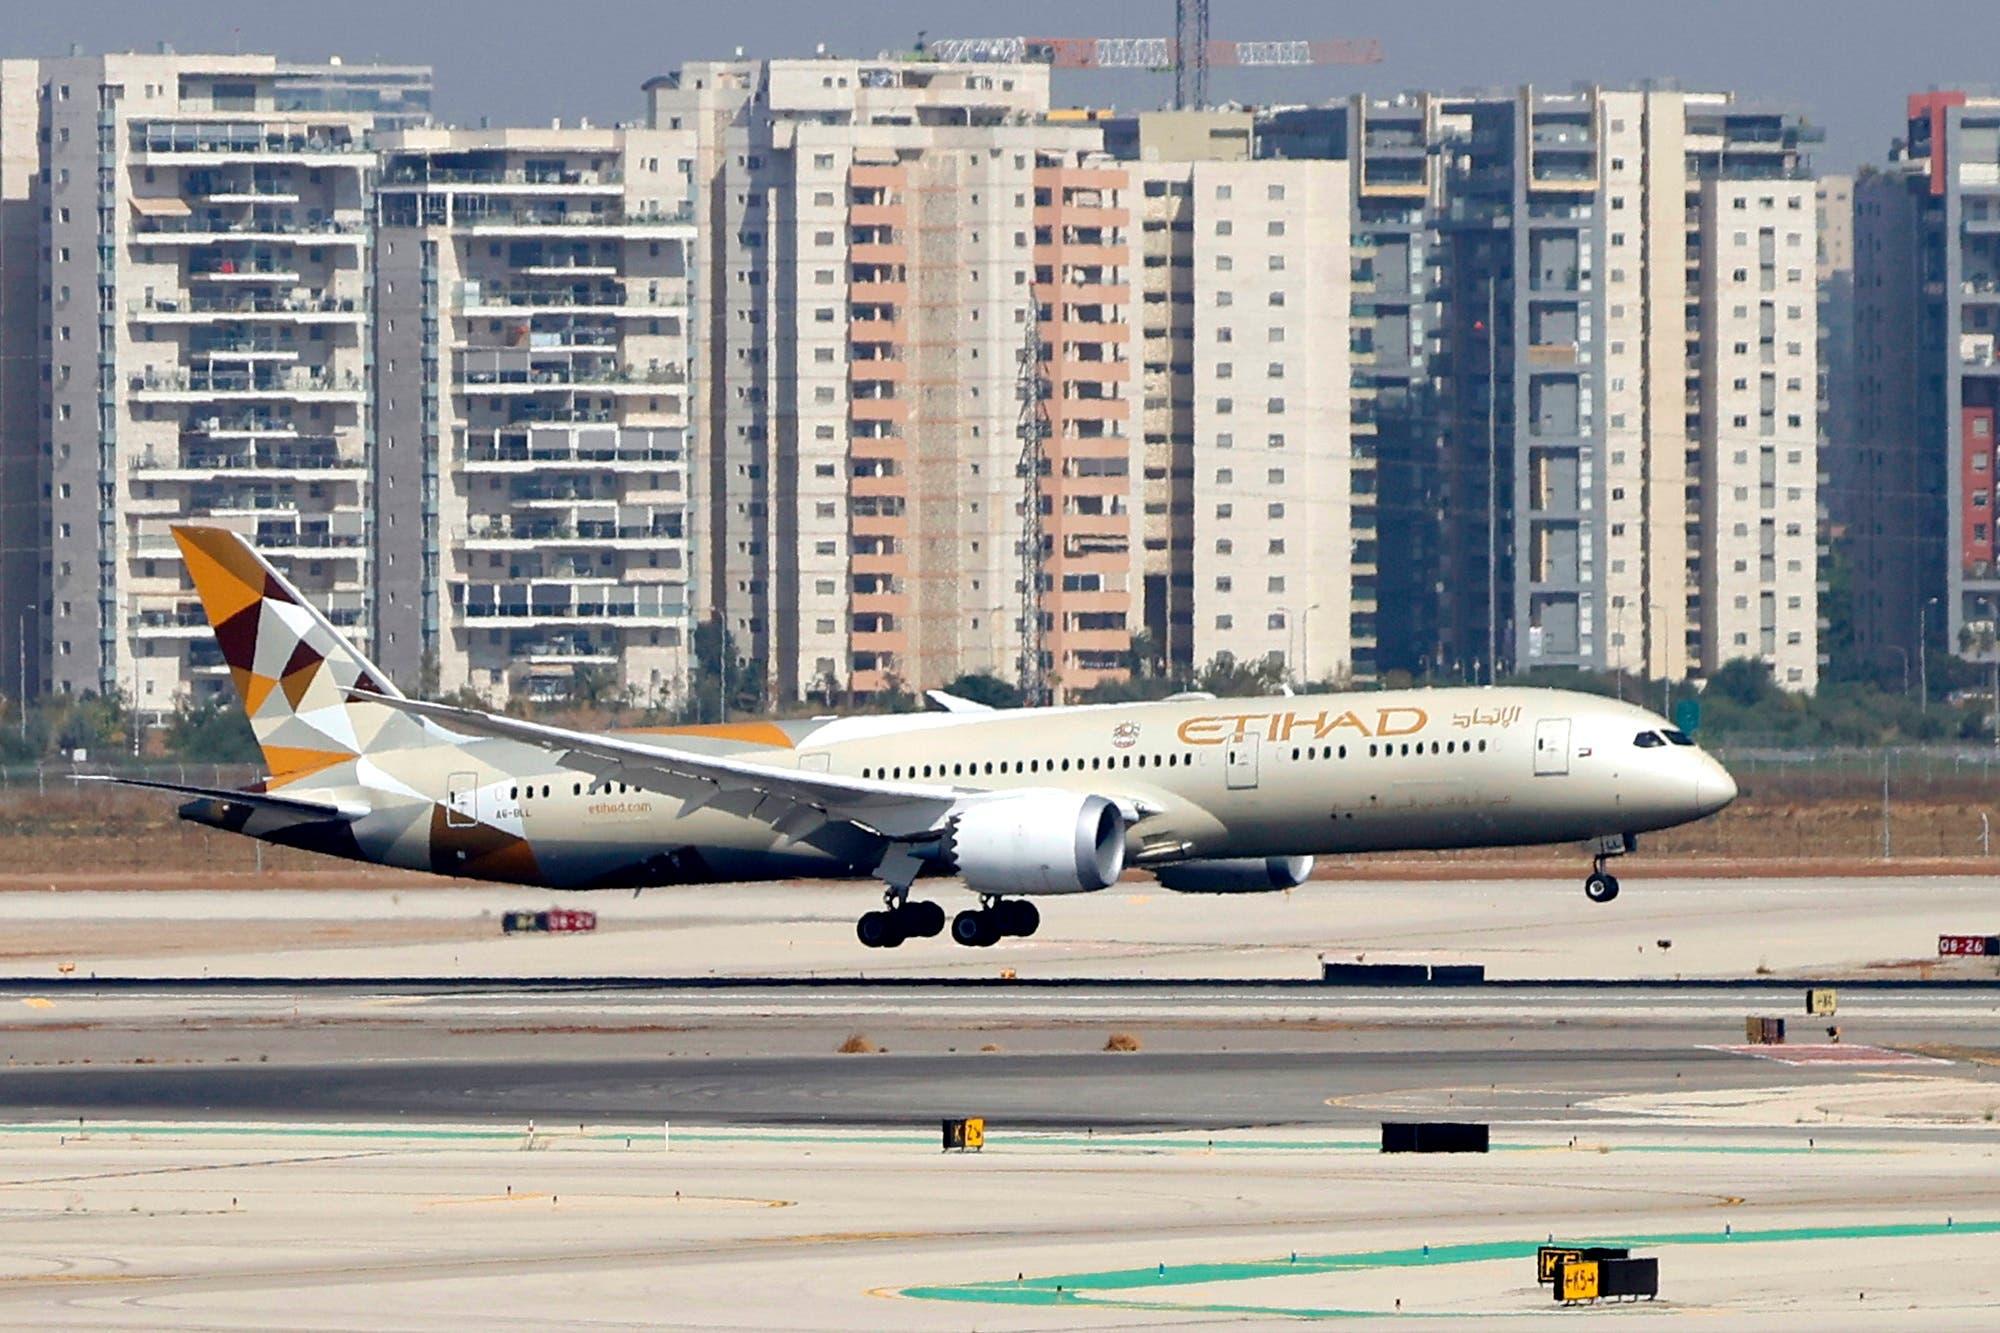 طائرة تابعة للاتحاد للطيران تقل وفداً من الإمارات العربية المتحدة في أول زيارة رسمية لها تهبط في مطار بن غوريون الإسرائيلي بالقرب من تل أبيب يوم 20 أكتوبر 2020